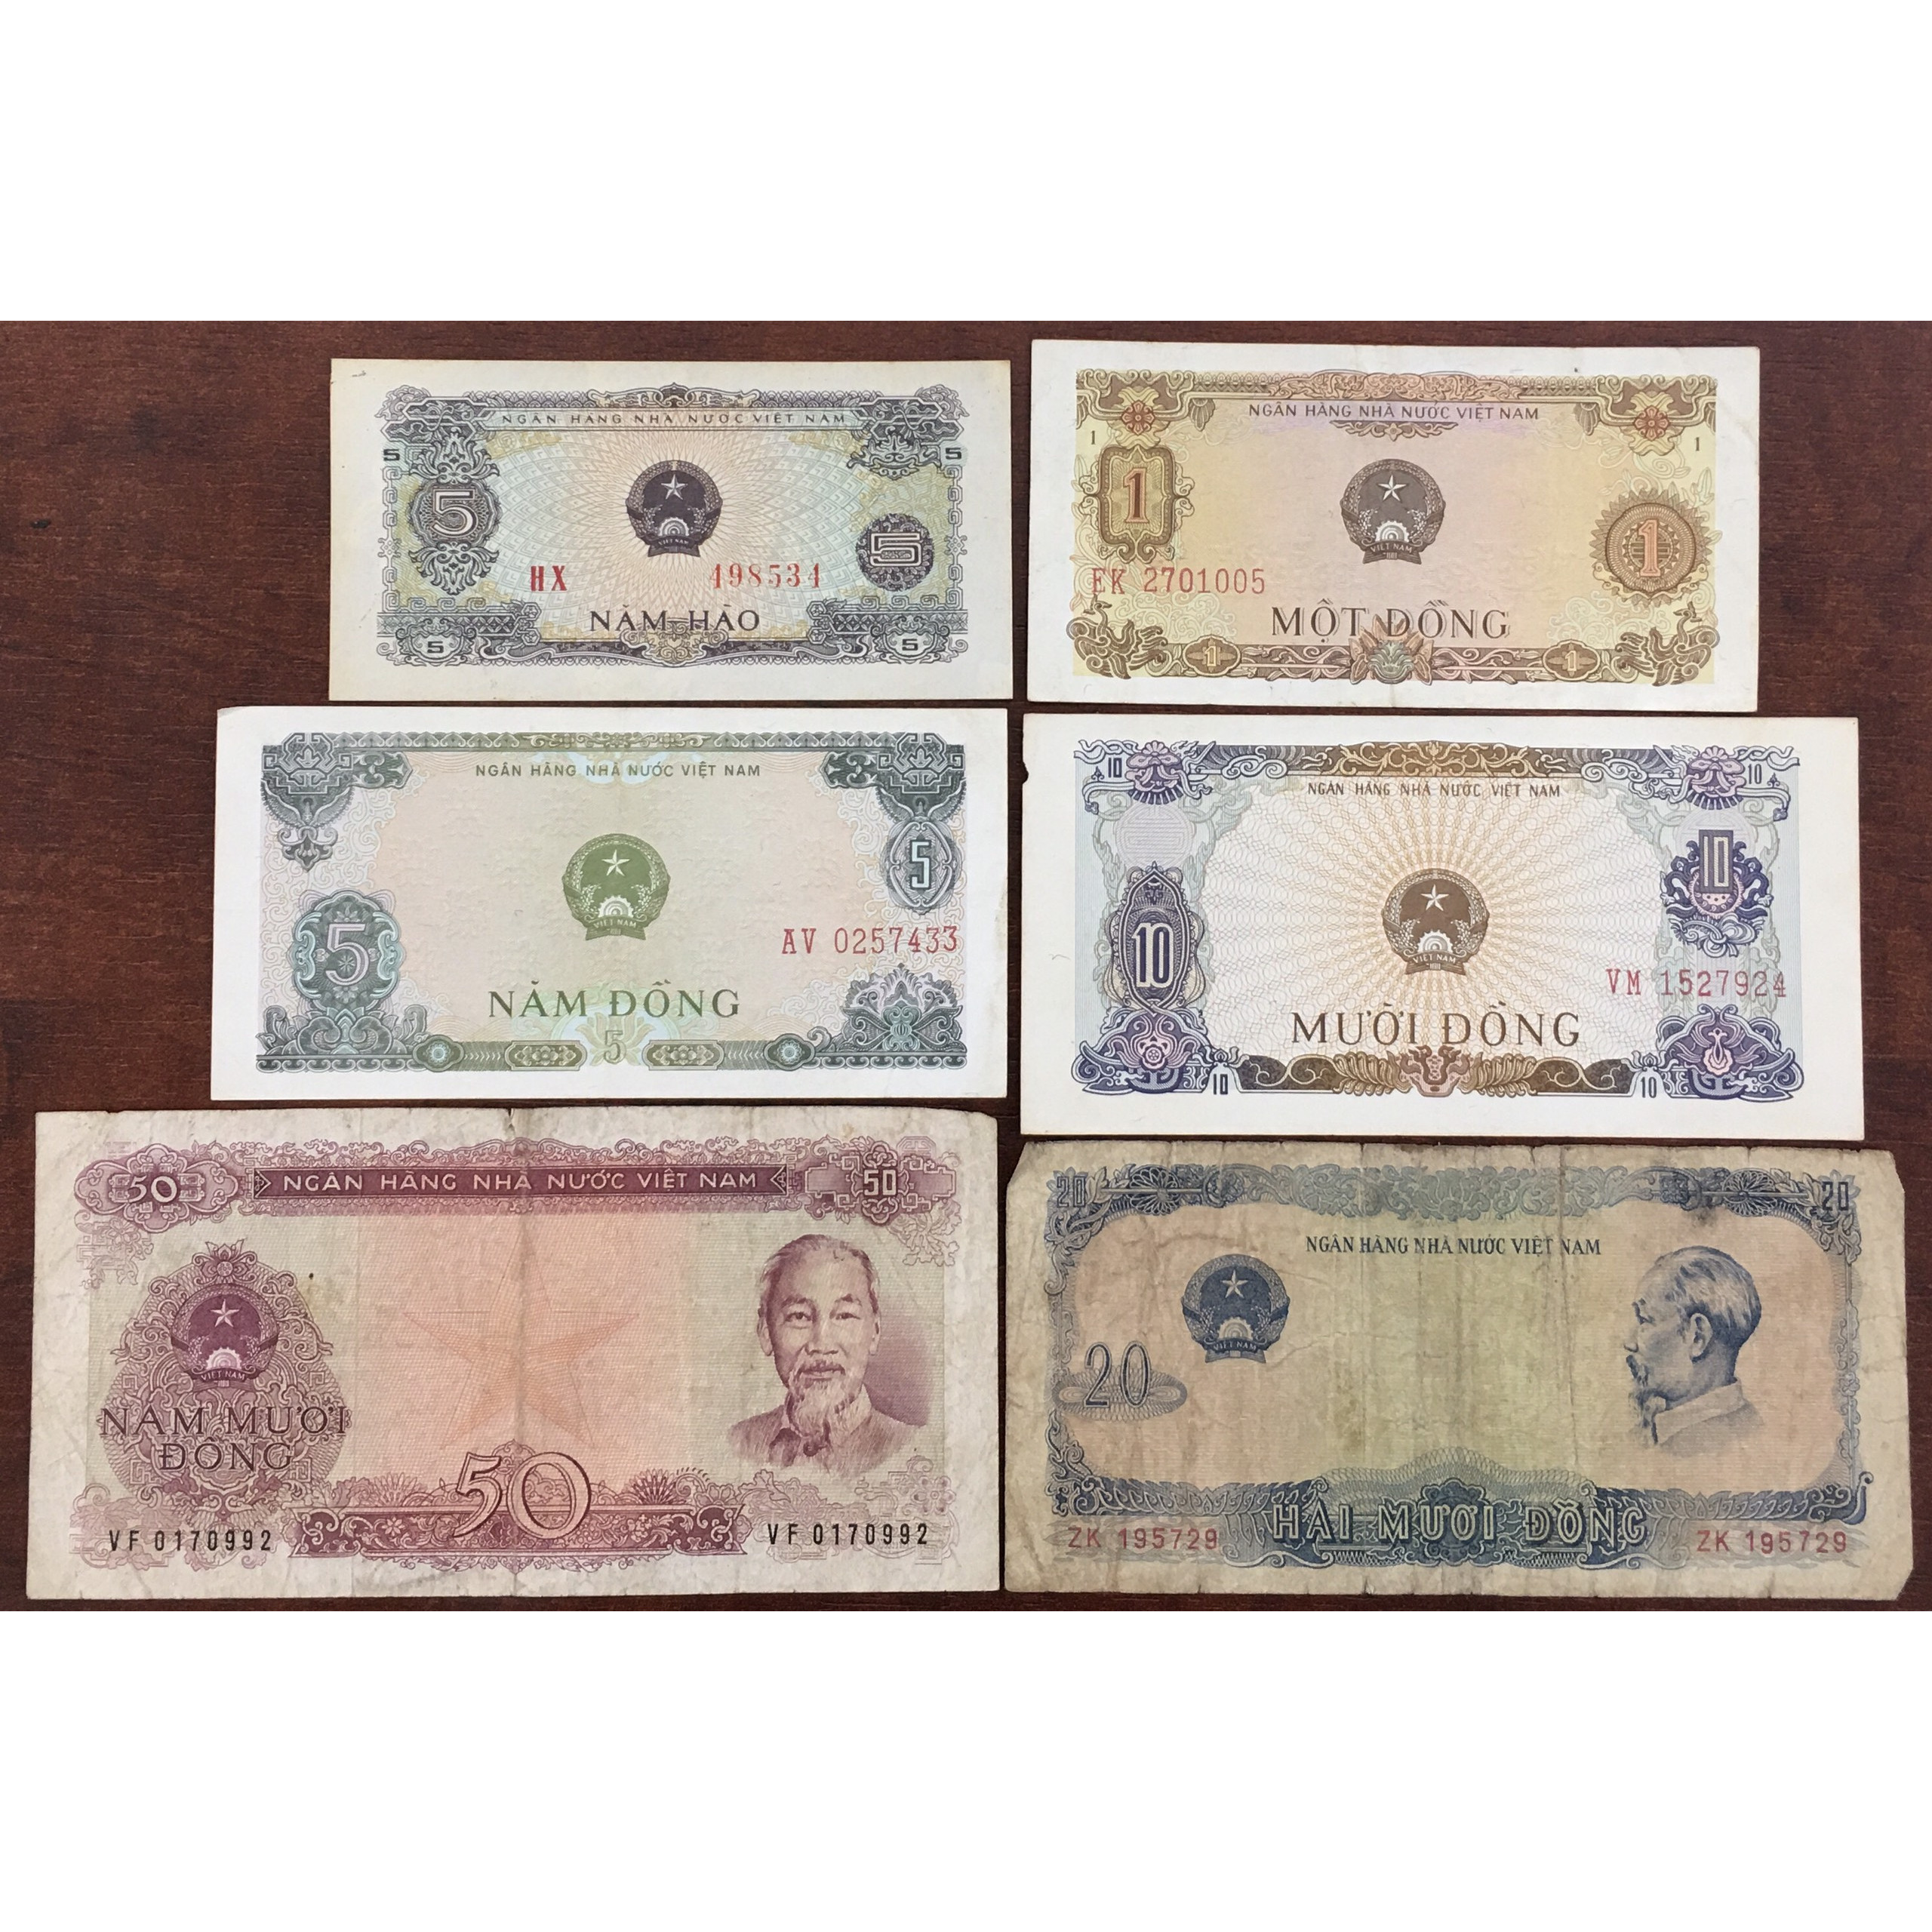 Bộ Tiền Xưa Việt Nam 1976 Đủ Bộ 6 Tờ + Tặng Kèm Móc Khóa Hình Tờ Tiền [Tiền Xưa Sưu Tầm]